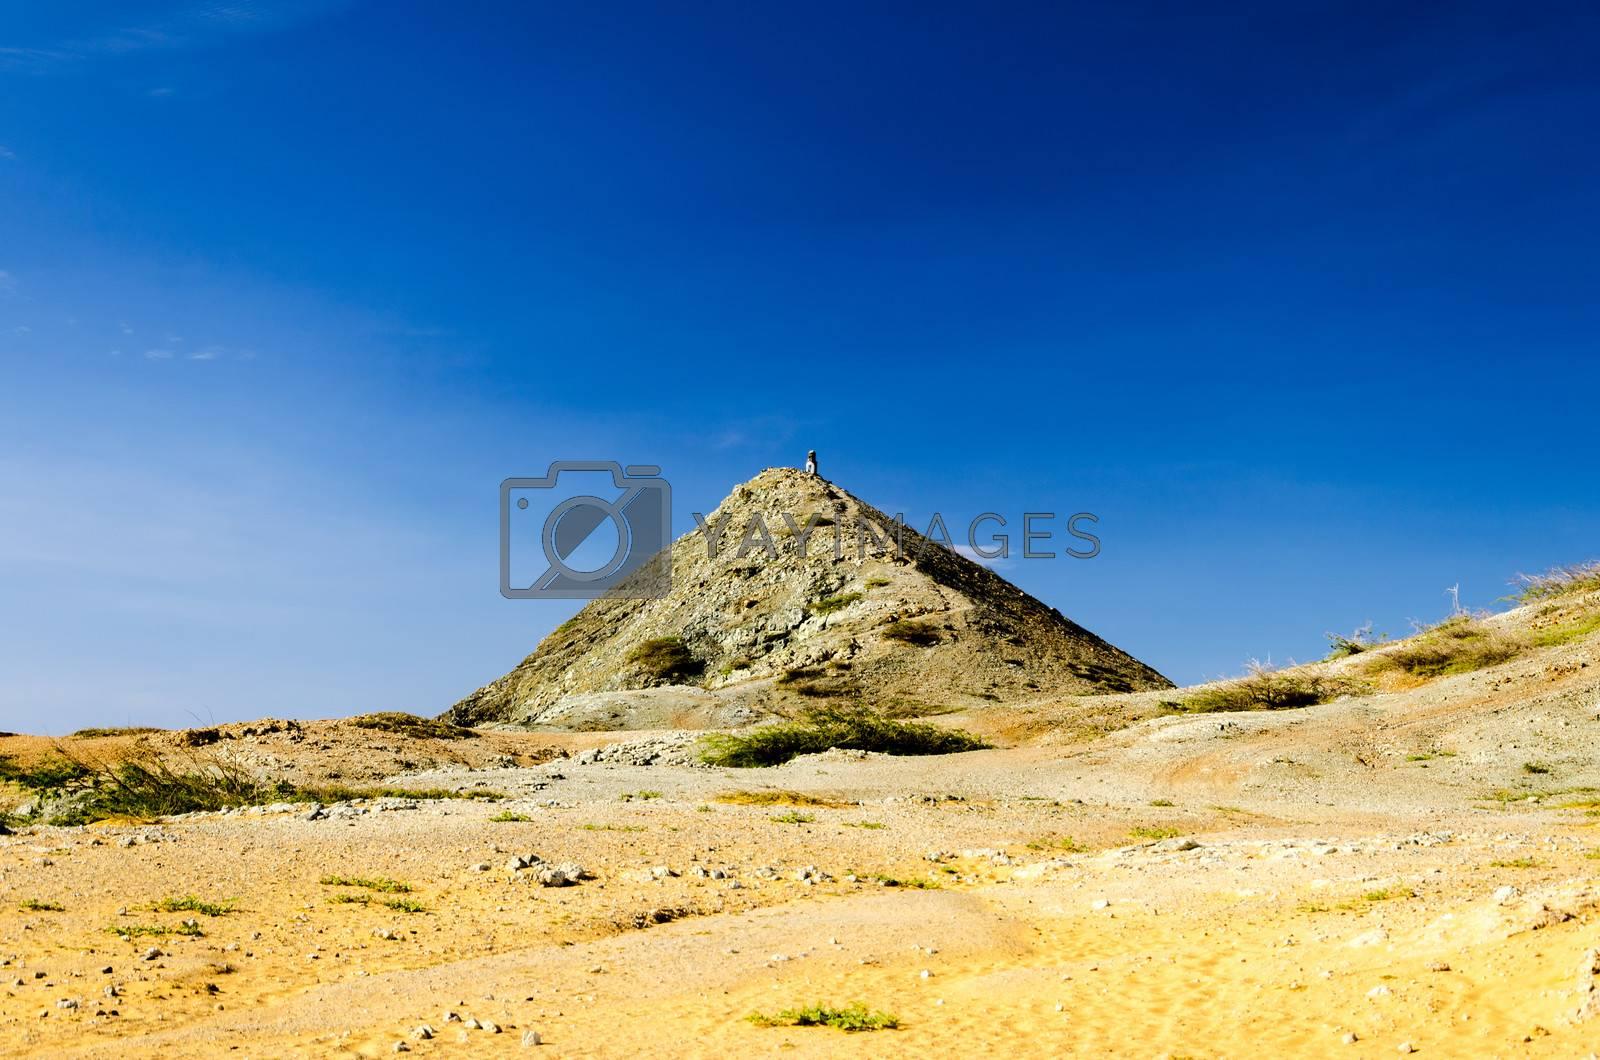 Pilon de Azucar in La Guajira, Colombia rising above the desert